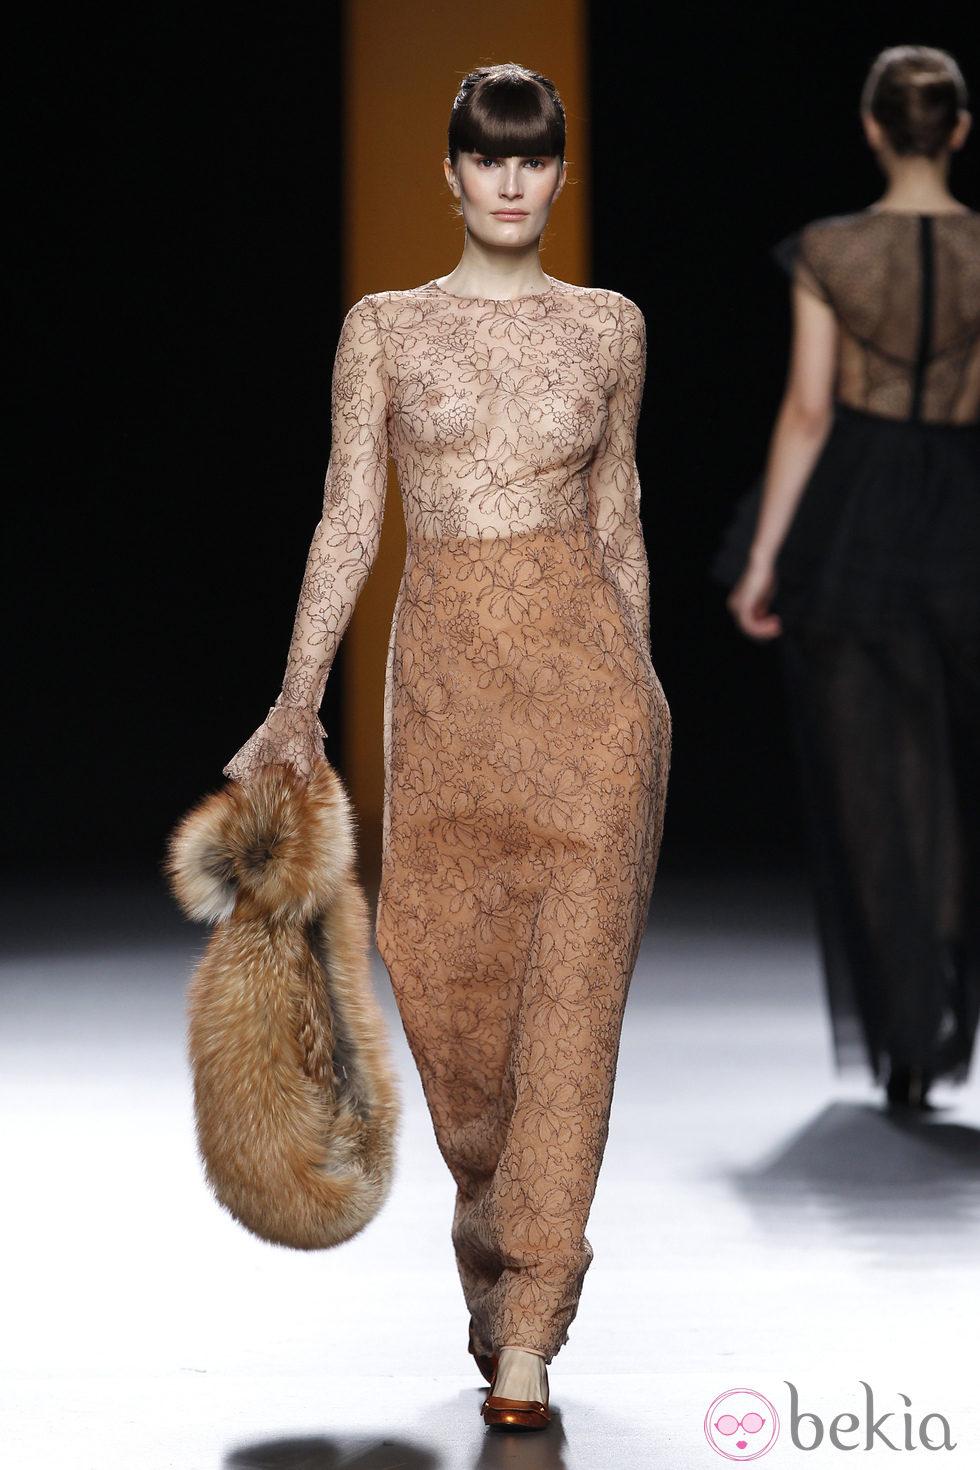 Vestido Marr N Transparente De Juanjo Oliva En La Fashion Week Madrid Colecci N Oto O Invierno